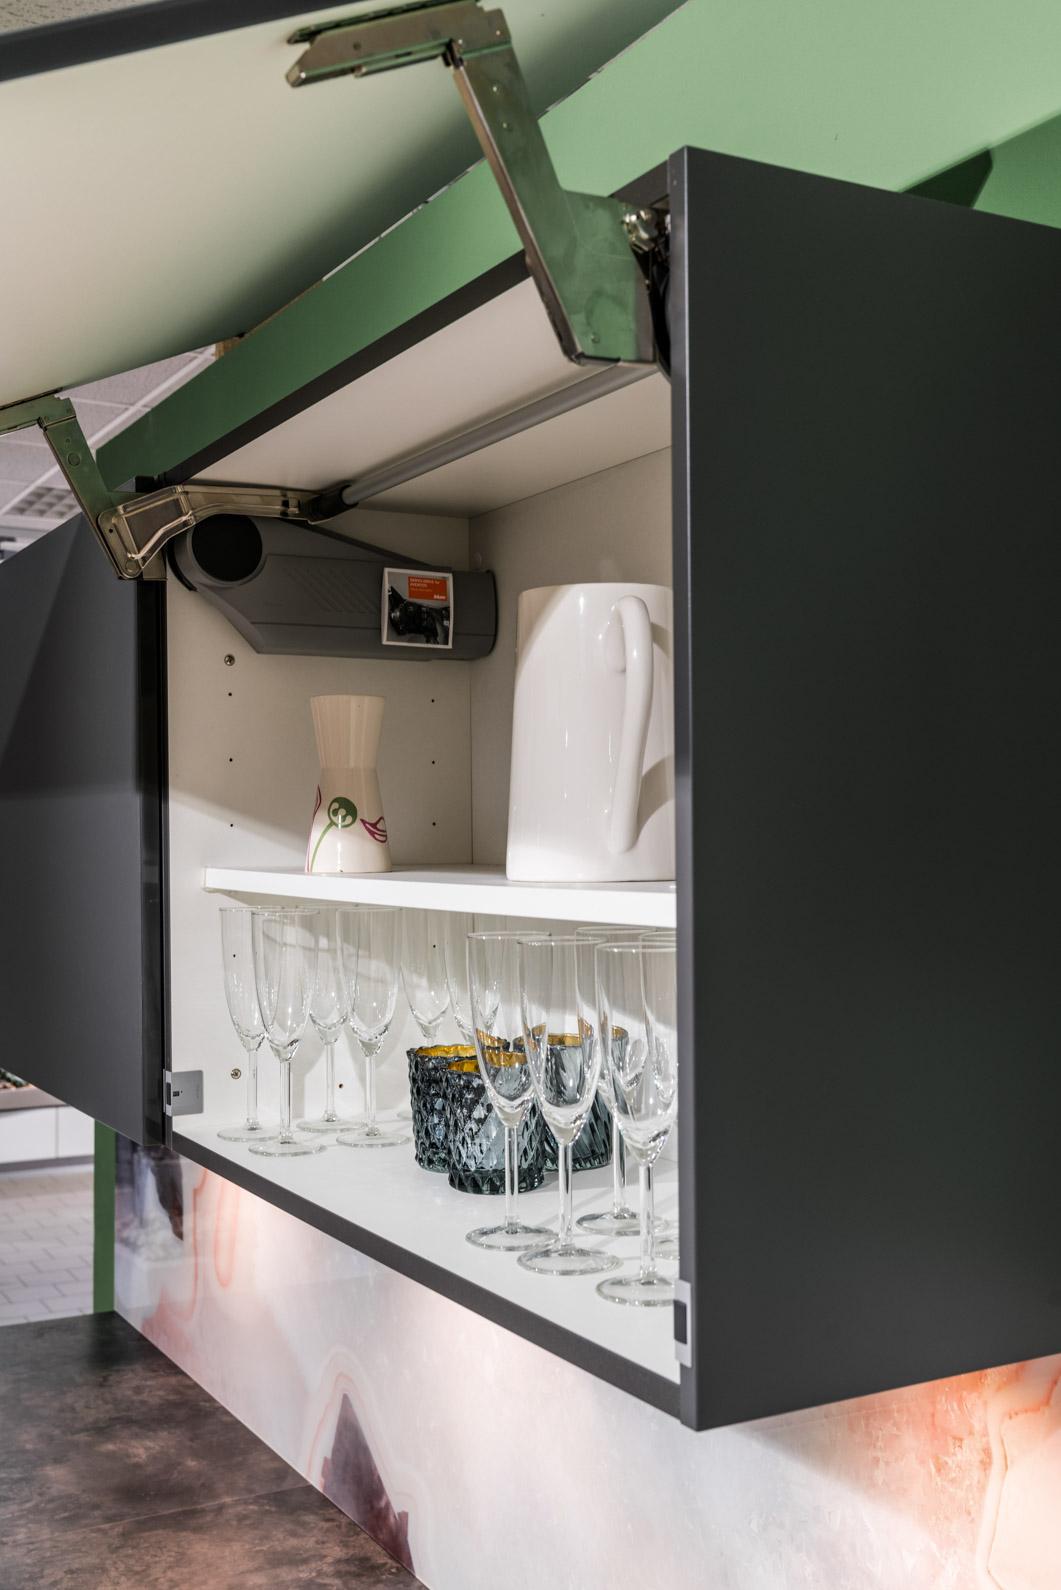 Weisser Küchenstudio Showroom Küchenschrank klappt nach oben auf